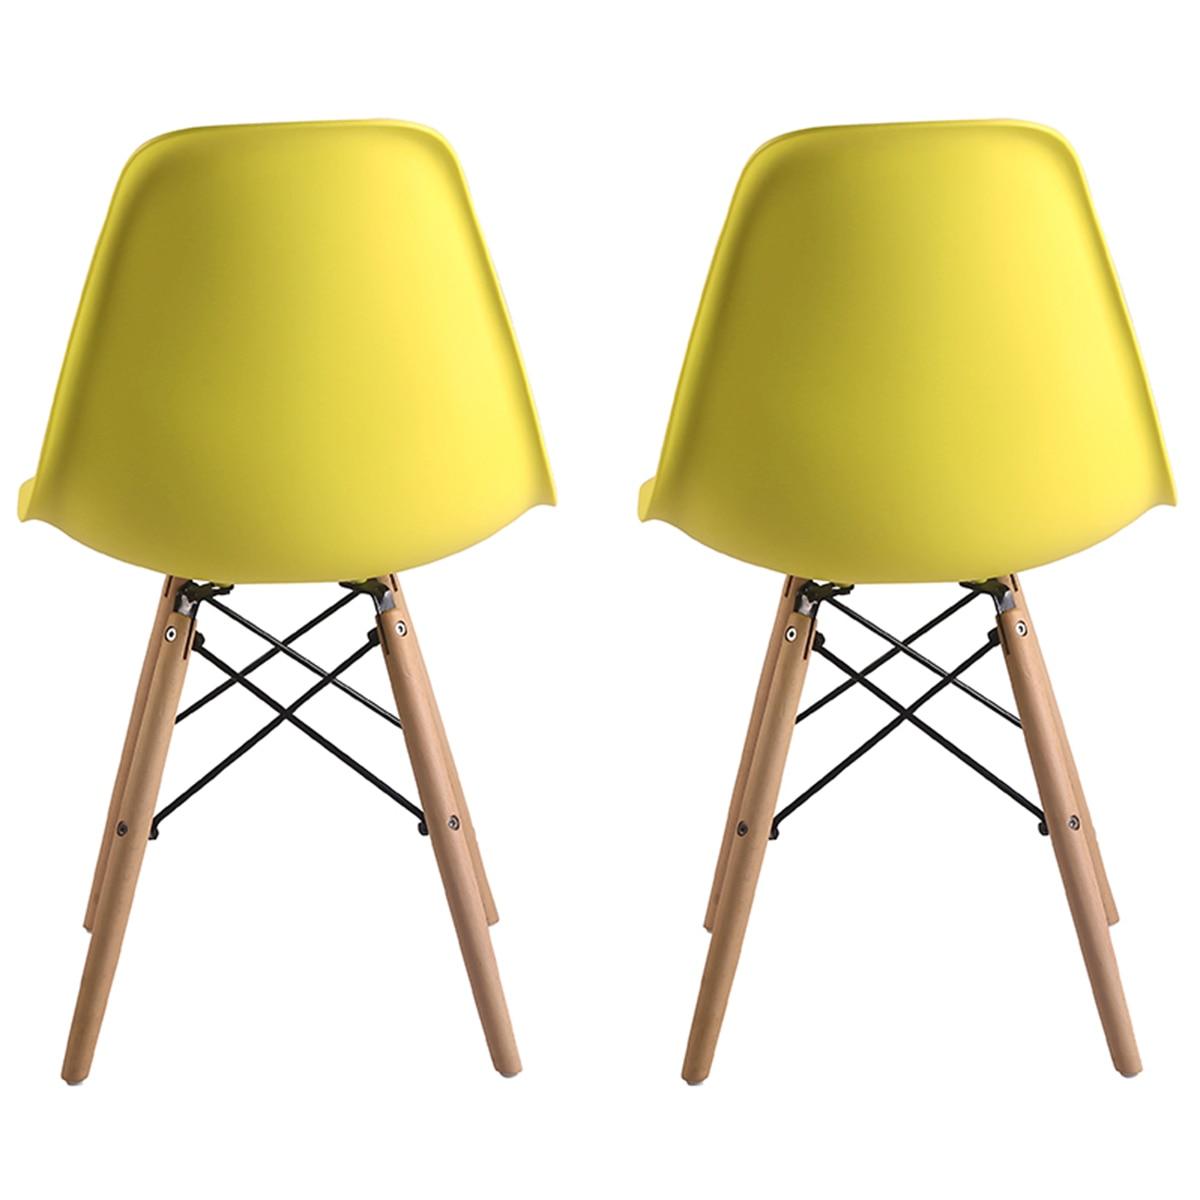 Homemania Clio Nappali szék szett, 2 darab, polipropilén keret, fa lábak, Sárga